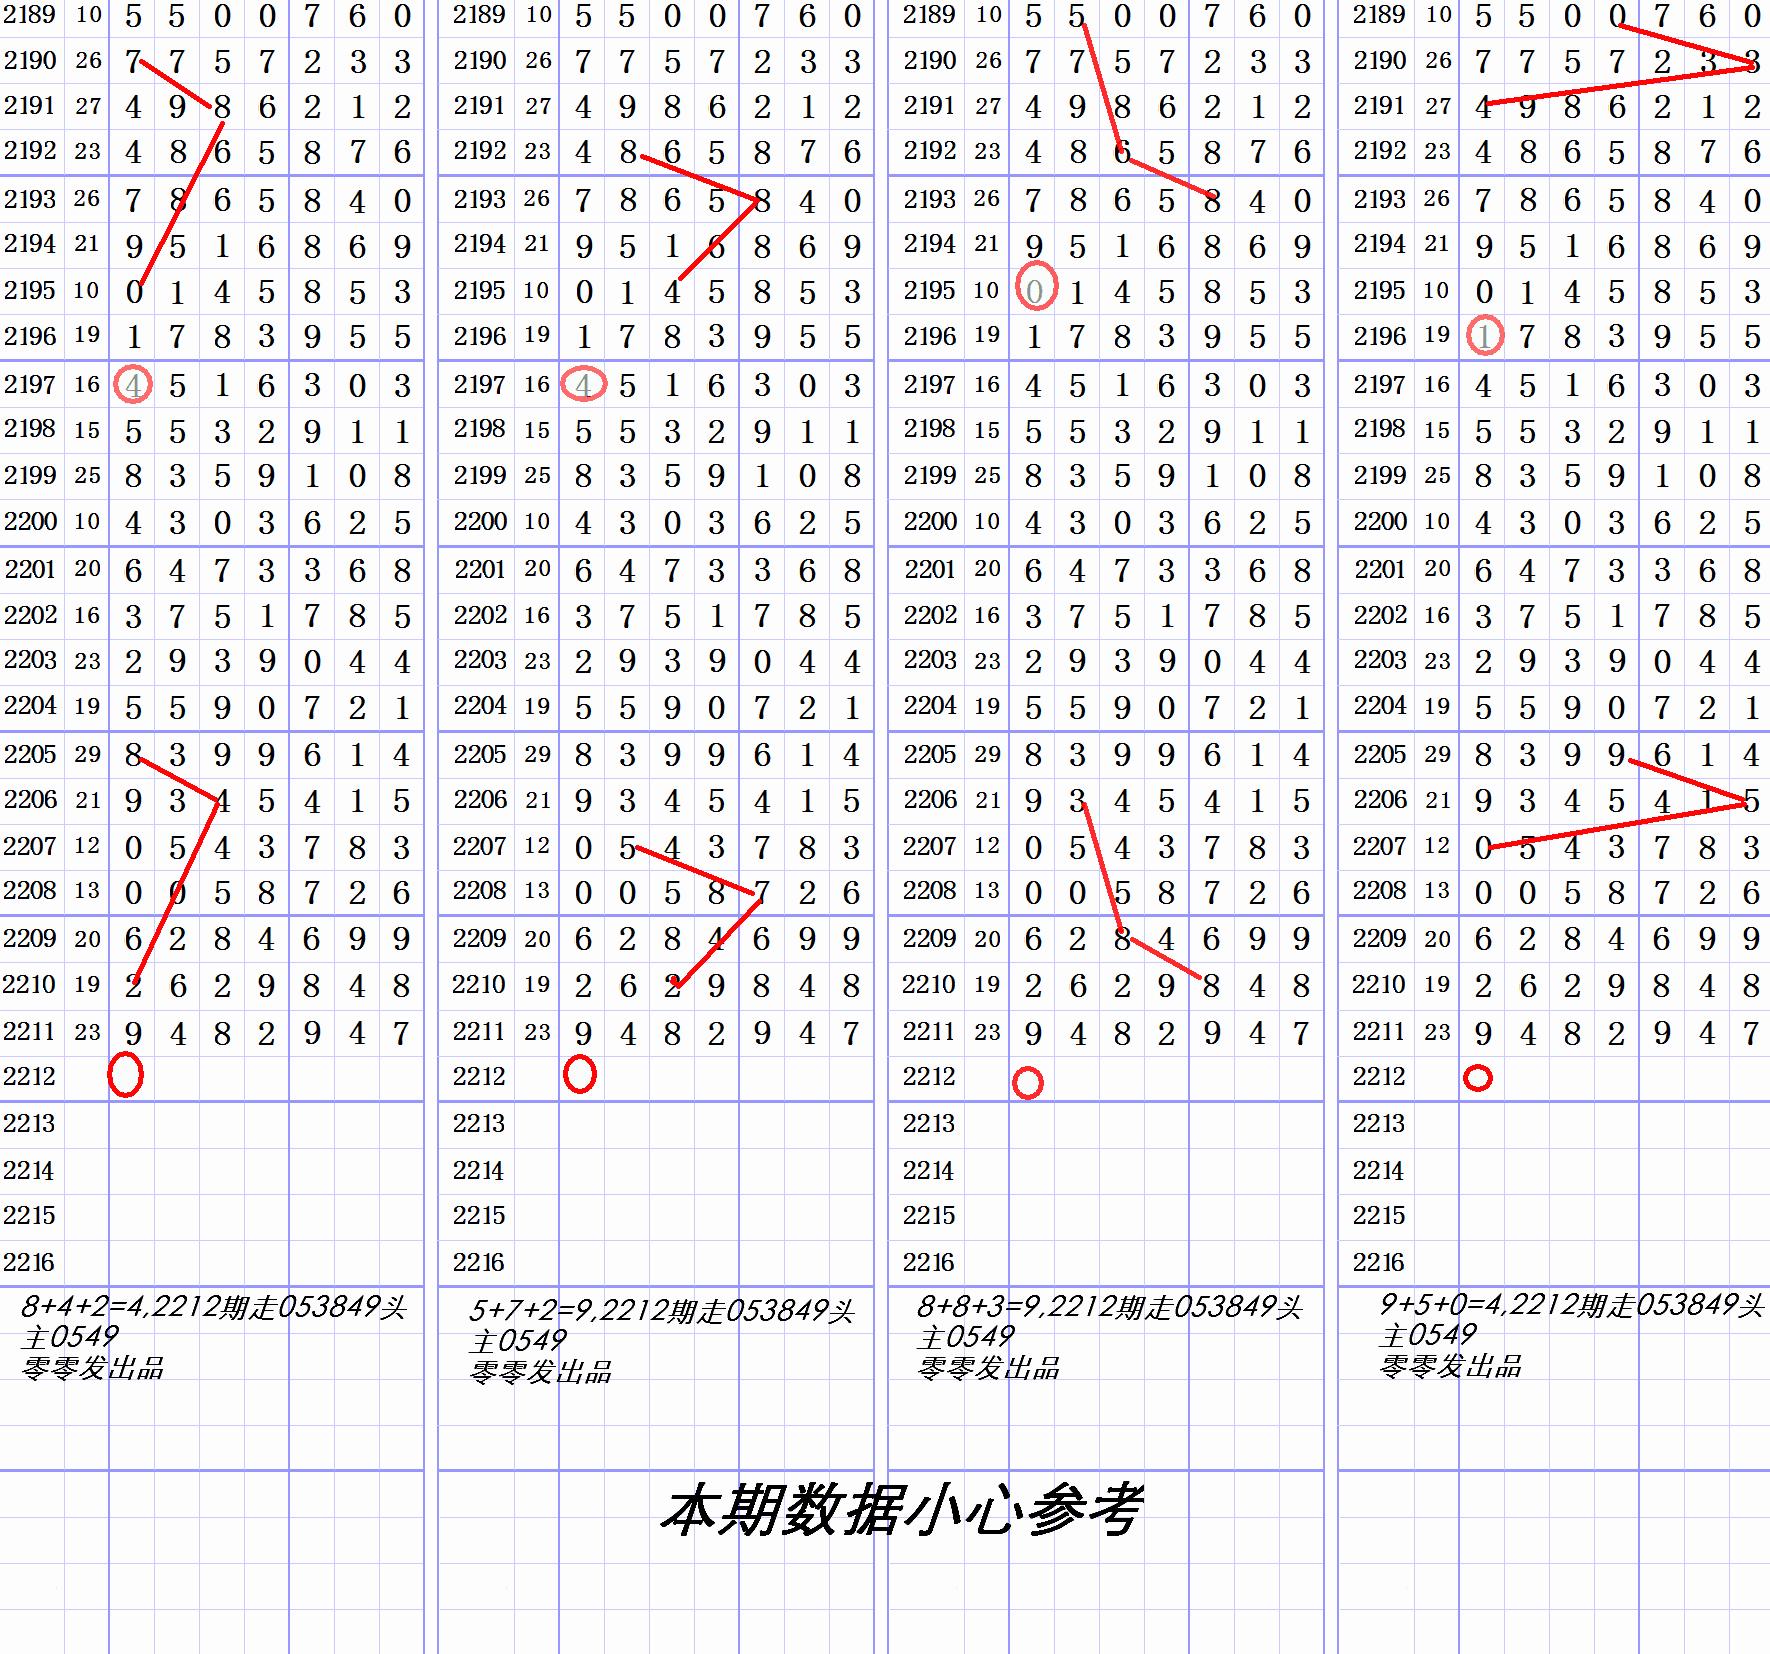 151D14EC-199D-4B78-BDD4-E5496E25816C.png